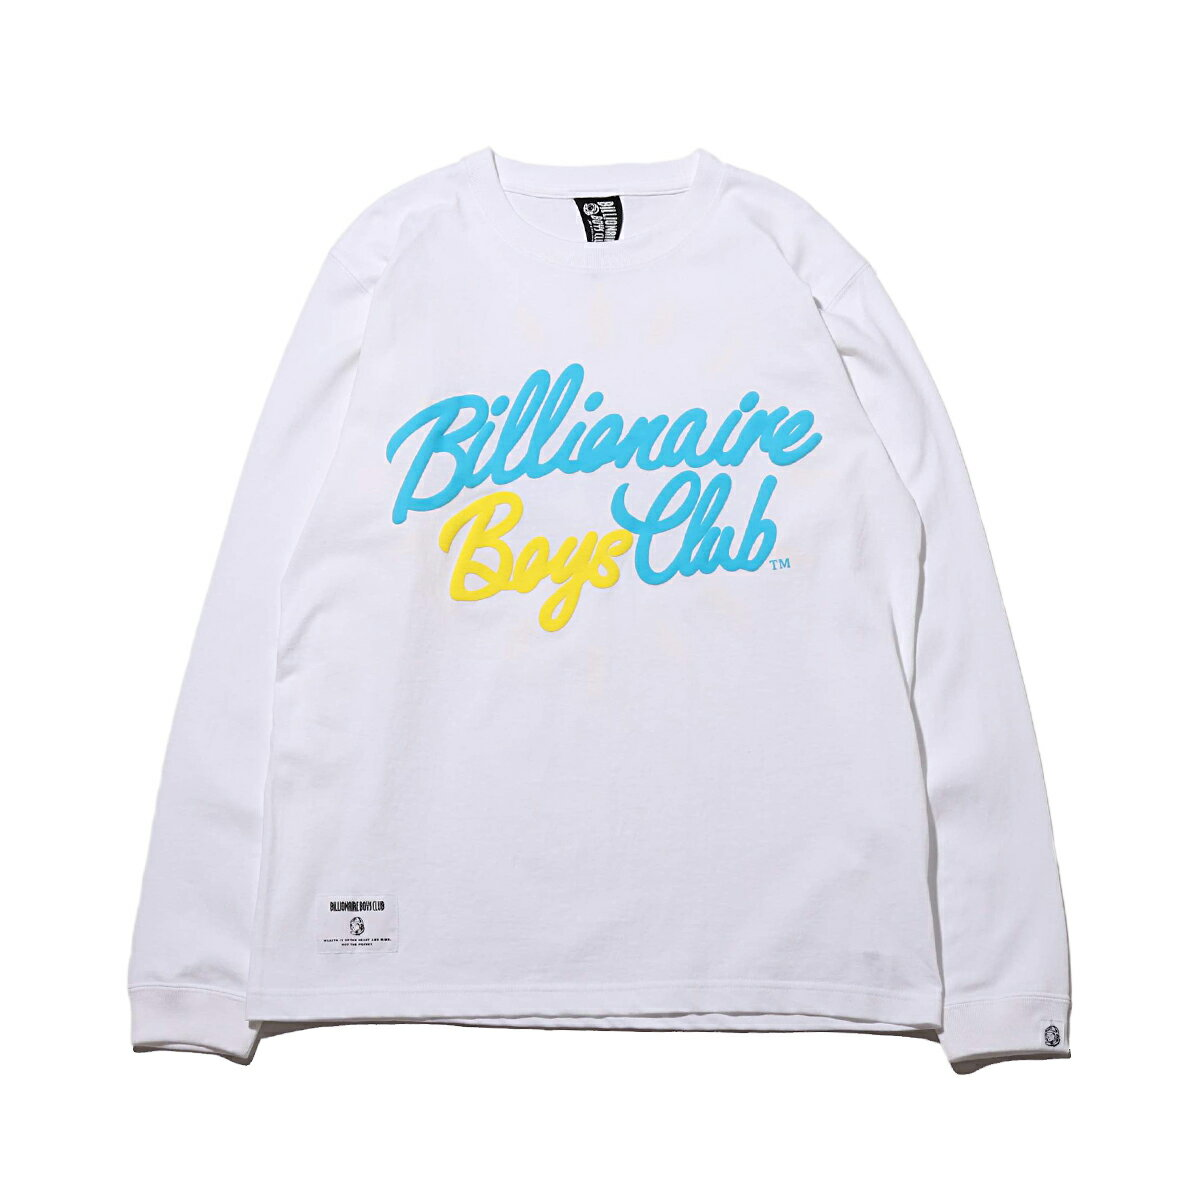 トップス, Tシャツ・カットソー BILLIONAIRE BOYS CLUB DIAMOND PUFF PRINT LS T-SHIRT( )WHITE T20SS-I